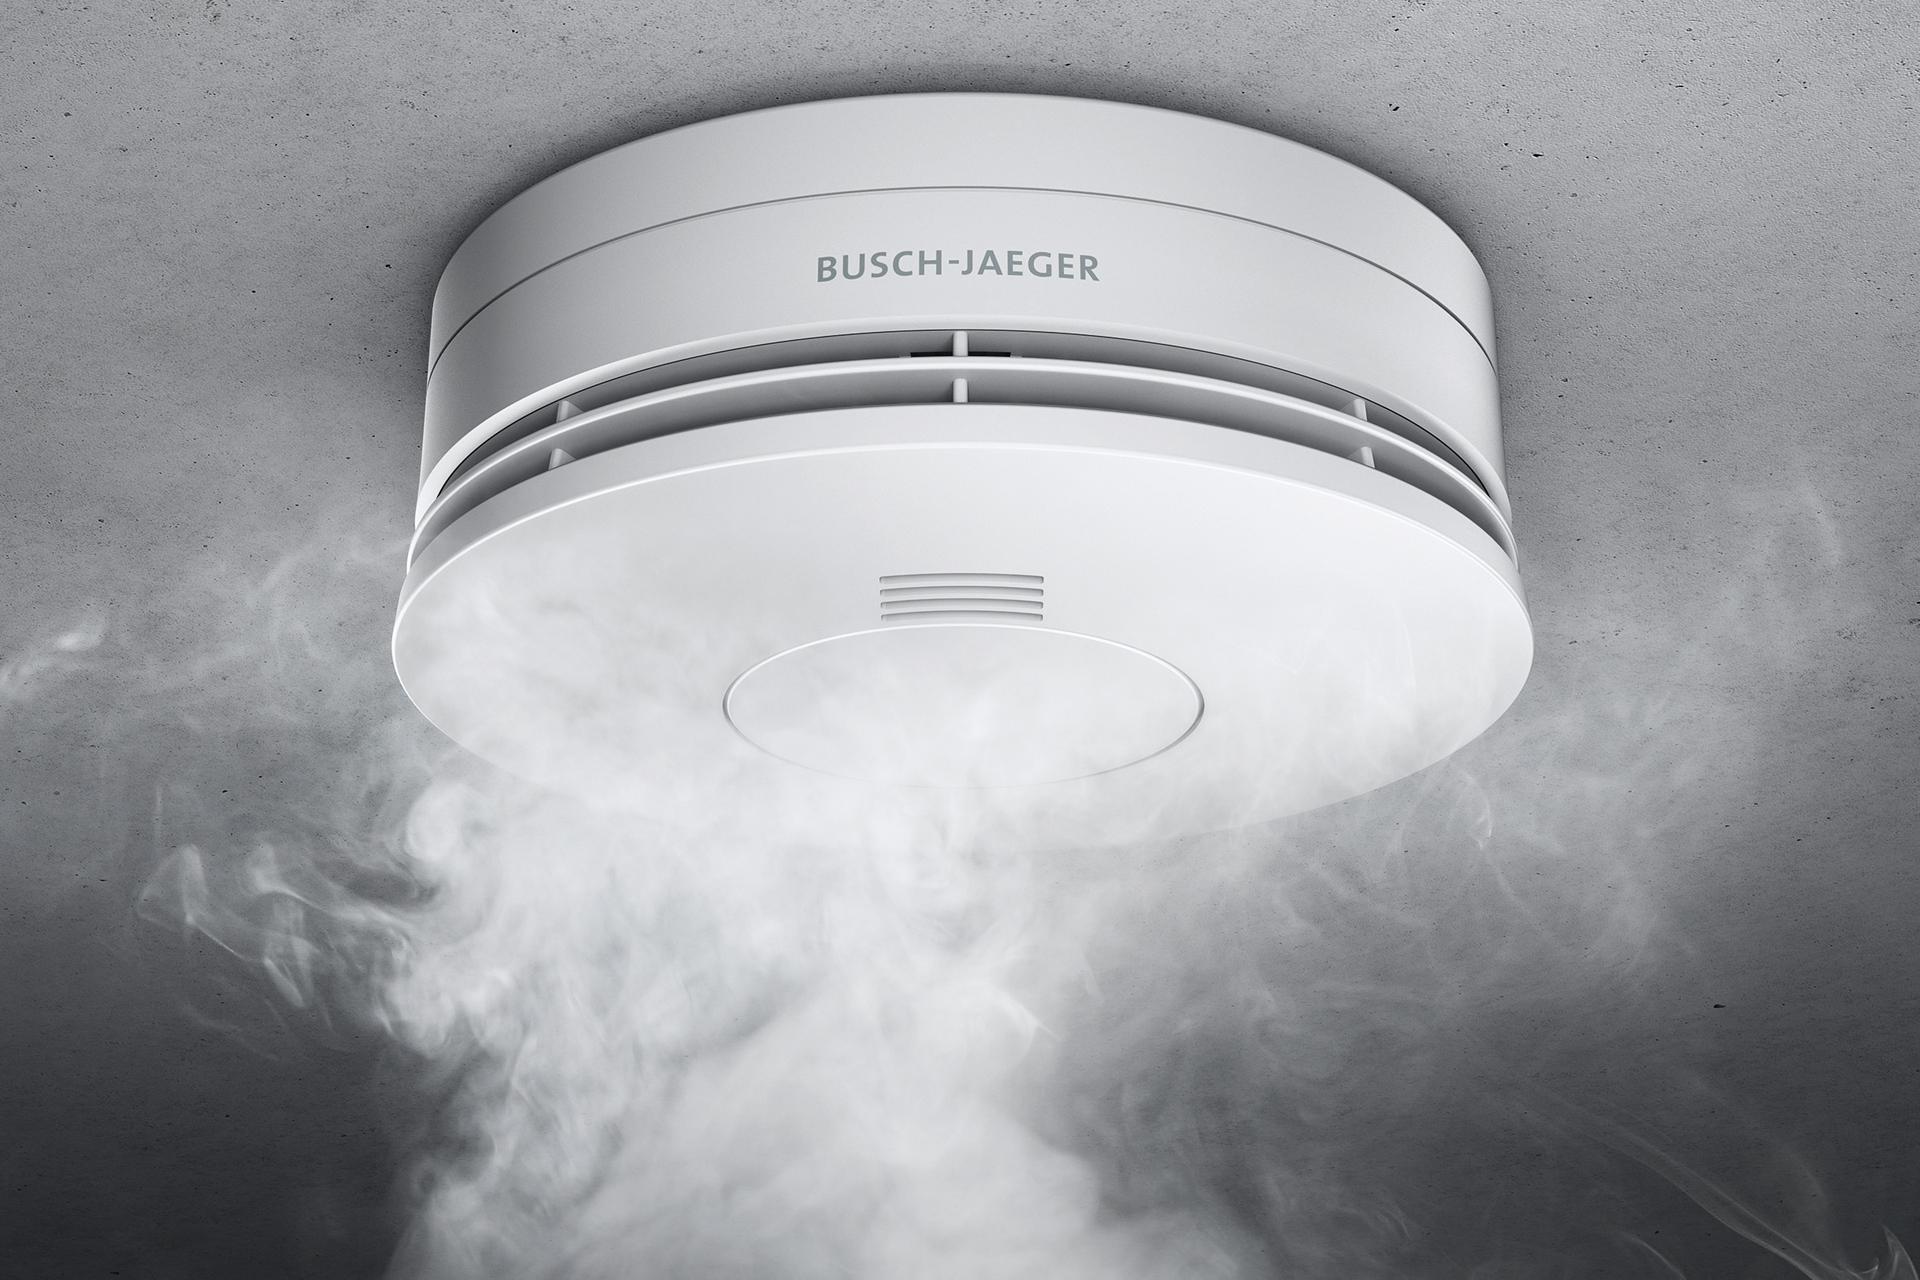 Rauchwarnmelder Busch Jaeger